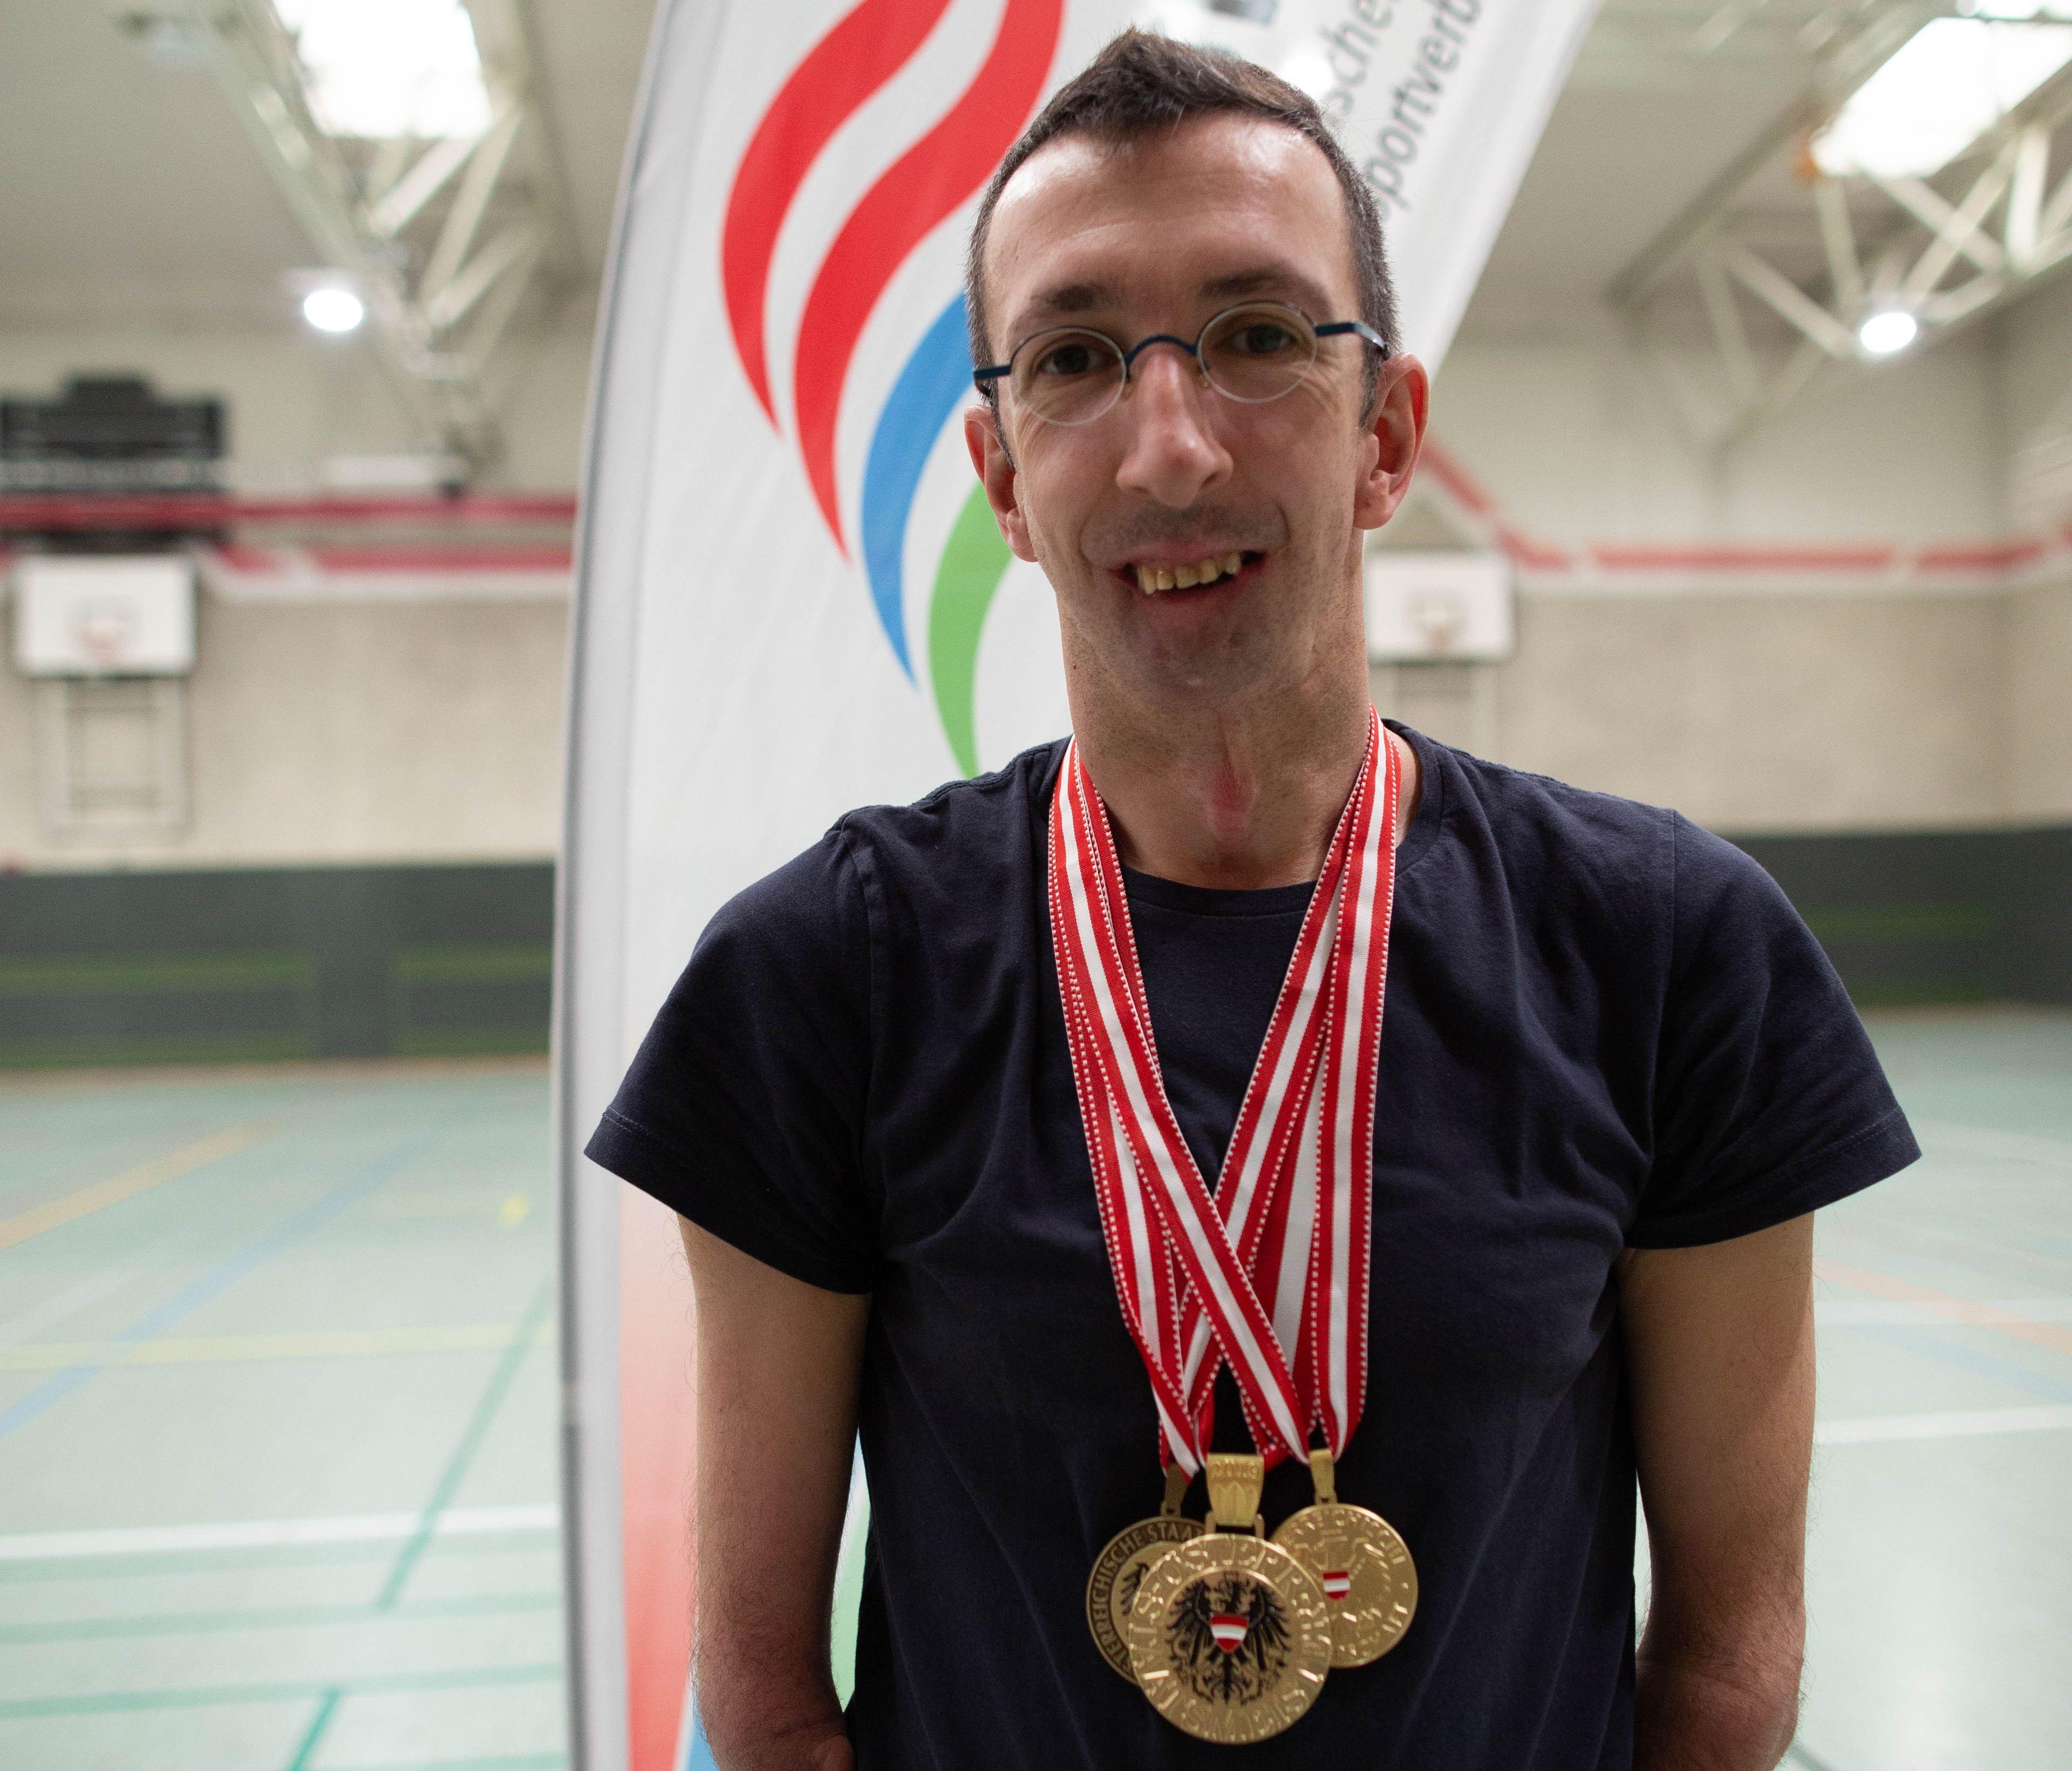 IErfolgreiche Titelverteidigung bei dem ÖSTM-Tischtennis für Behinderte